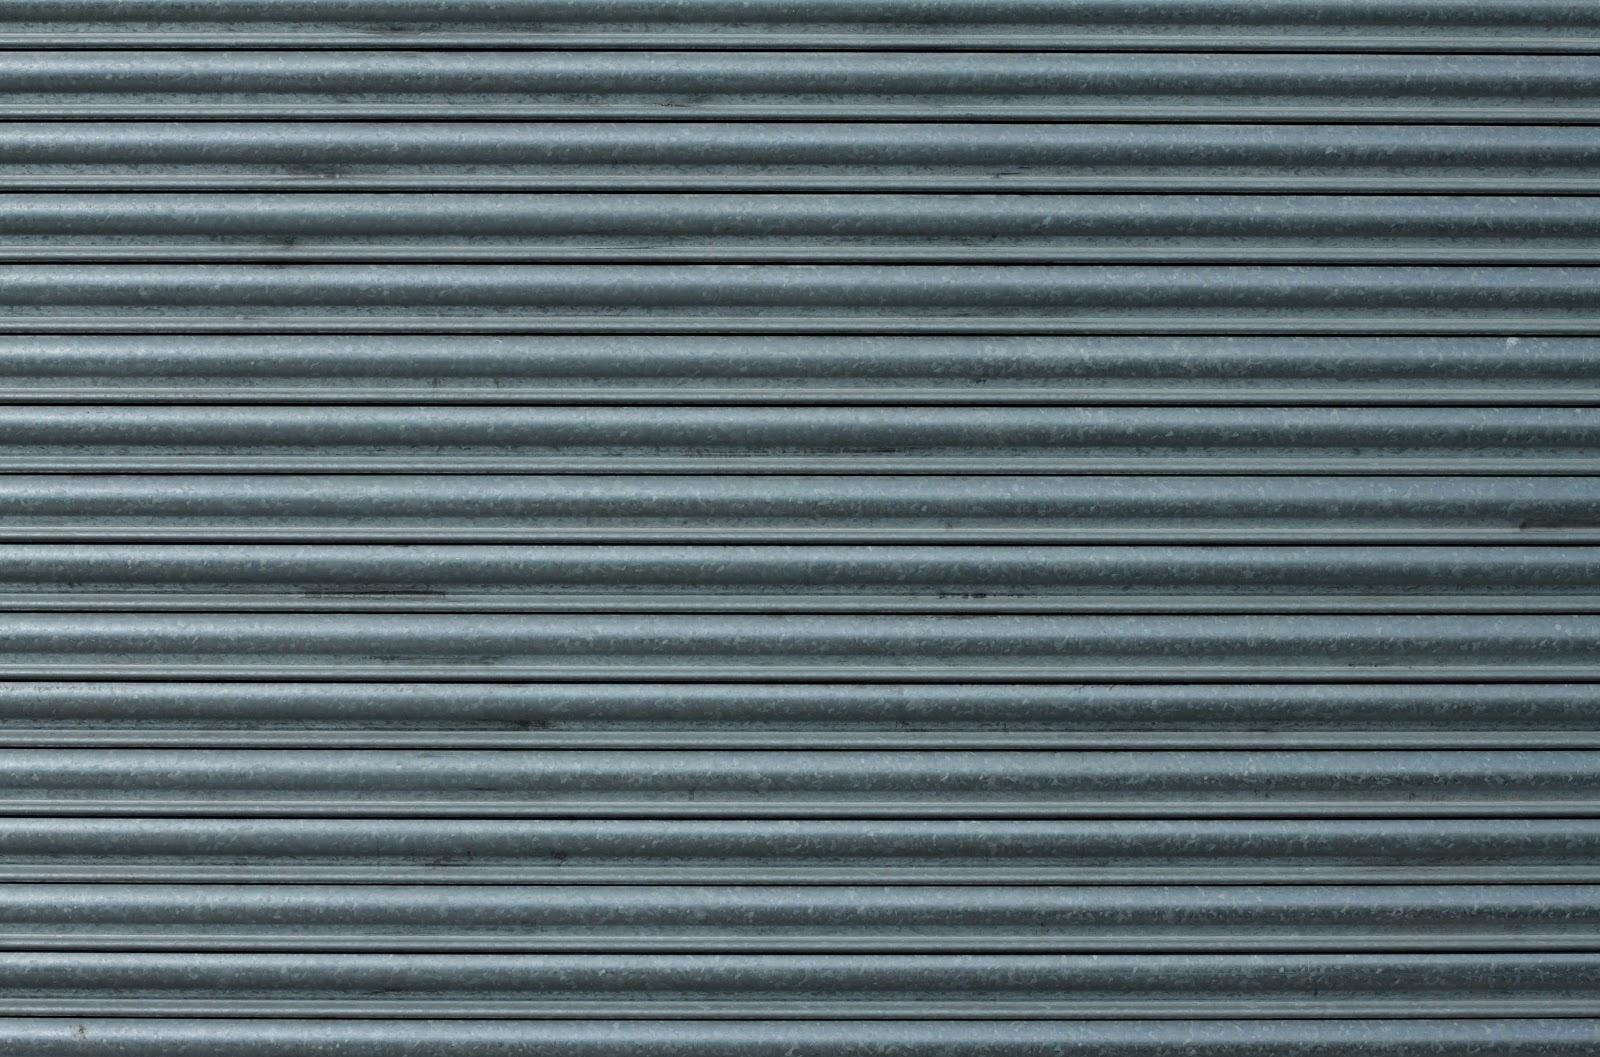 Metal shutter texture 4749x3137